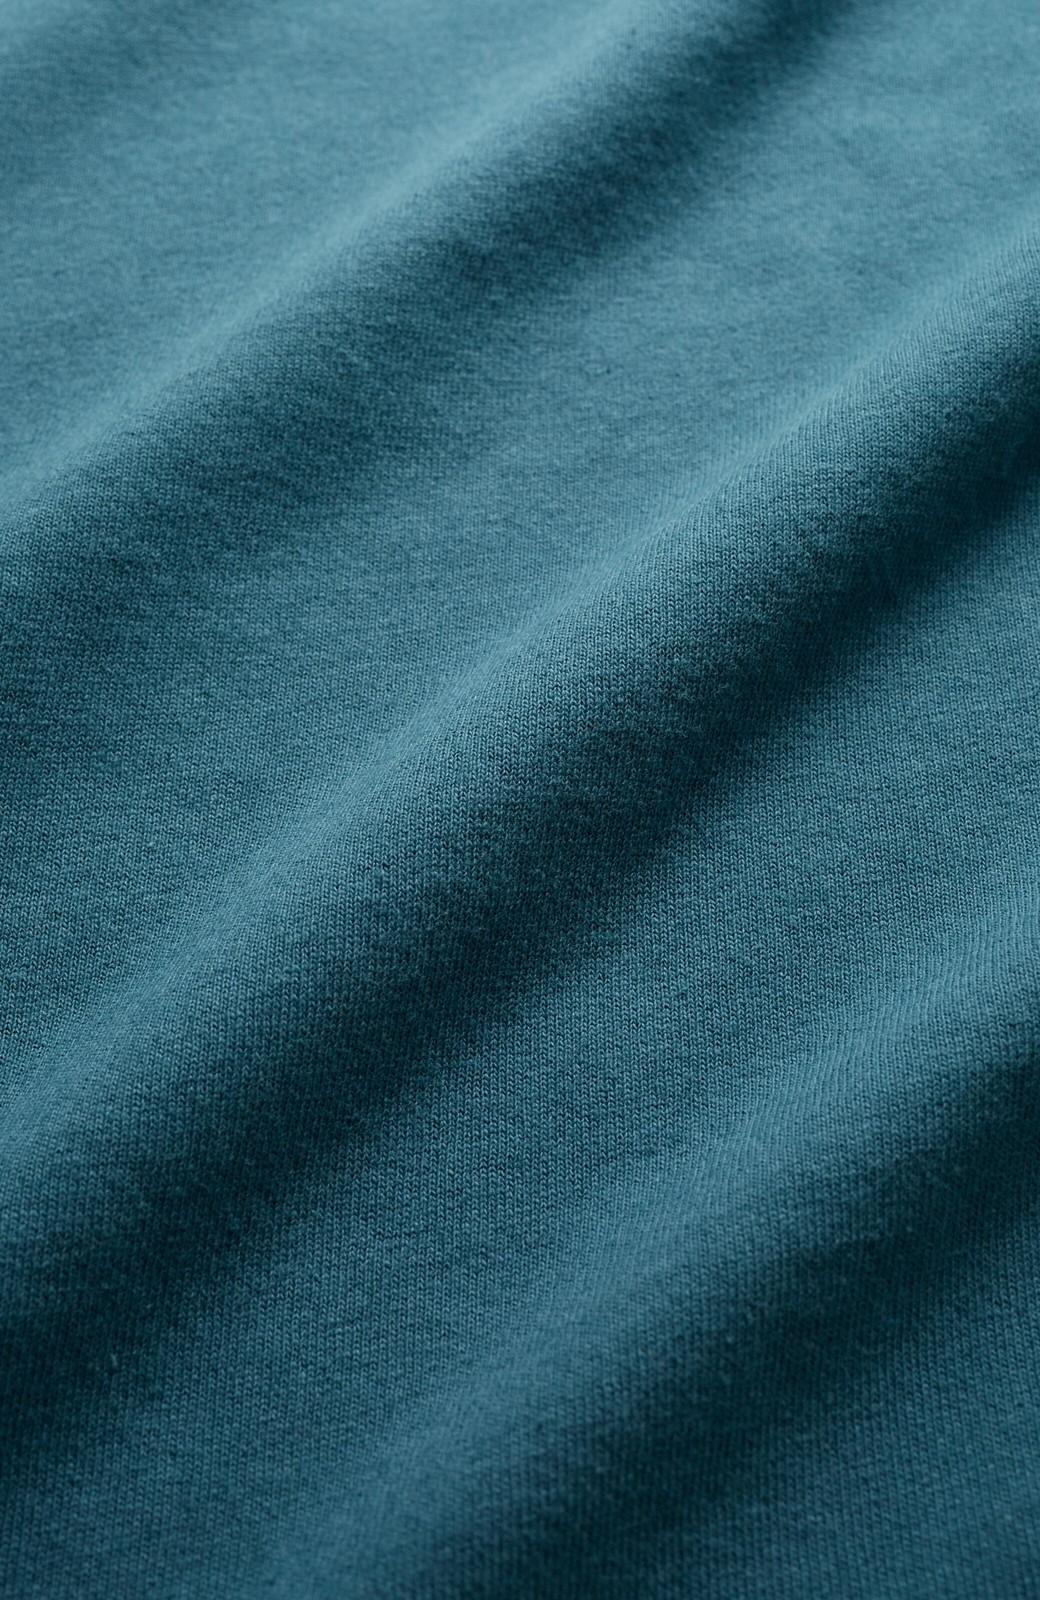 haco! じゃぶじゃぶ洗えて毎日づかいに便利!コーデに迷わず便利なモックネックTシャツ <ブルー>の商品写真3